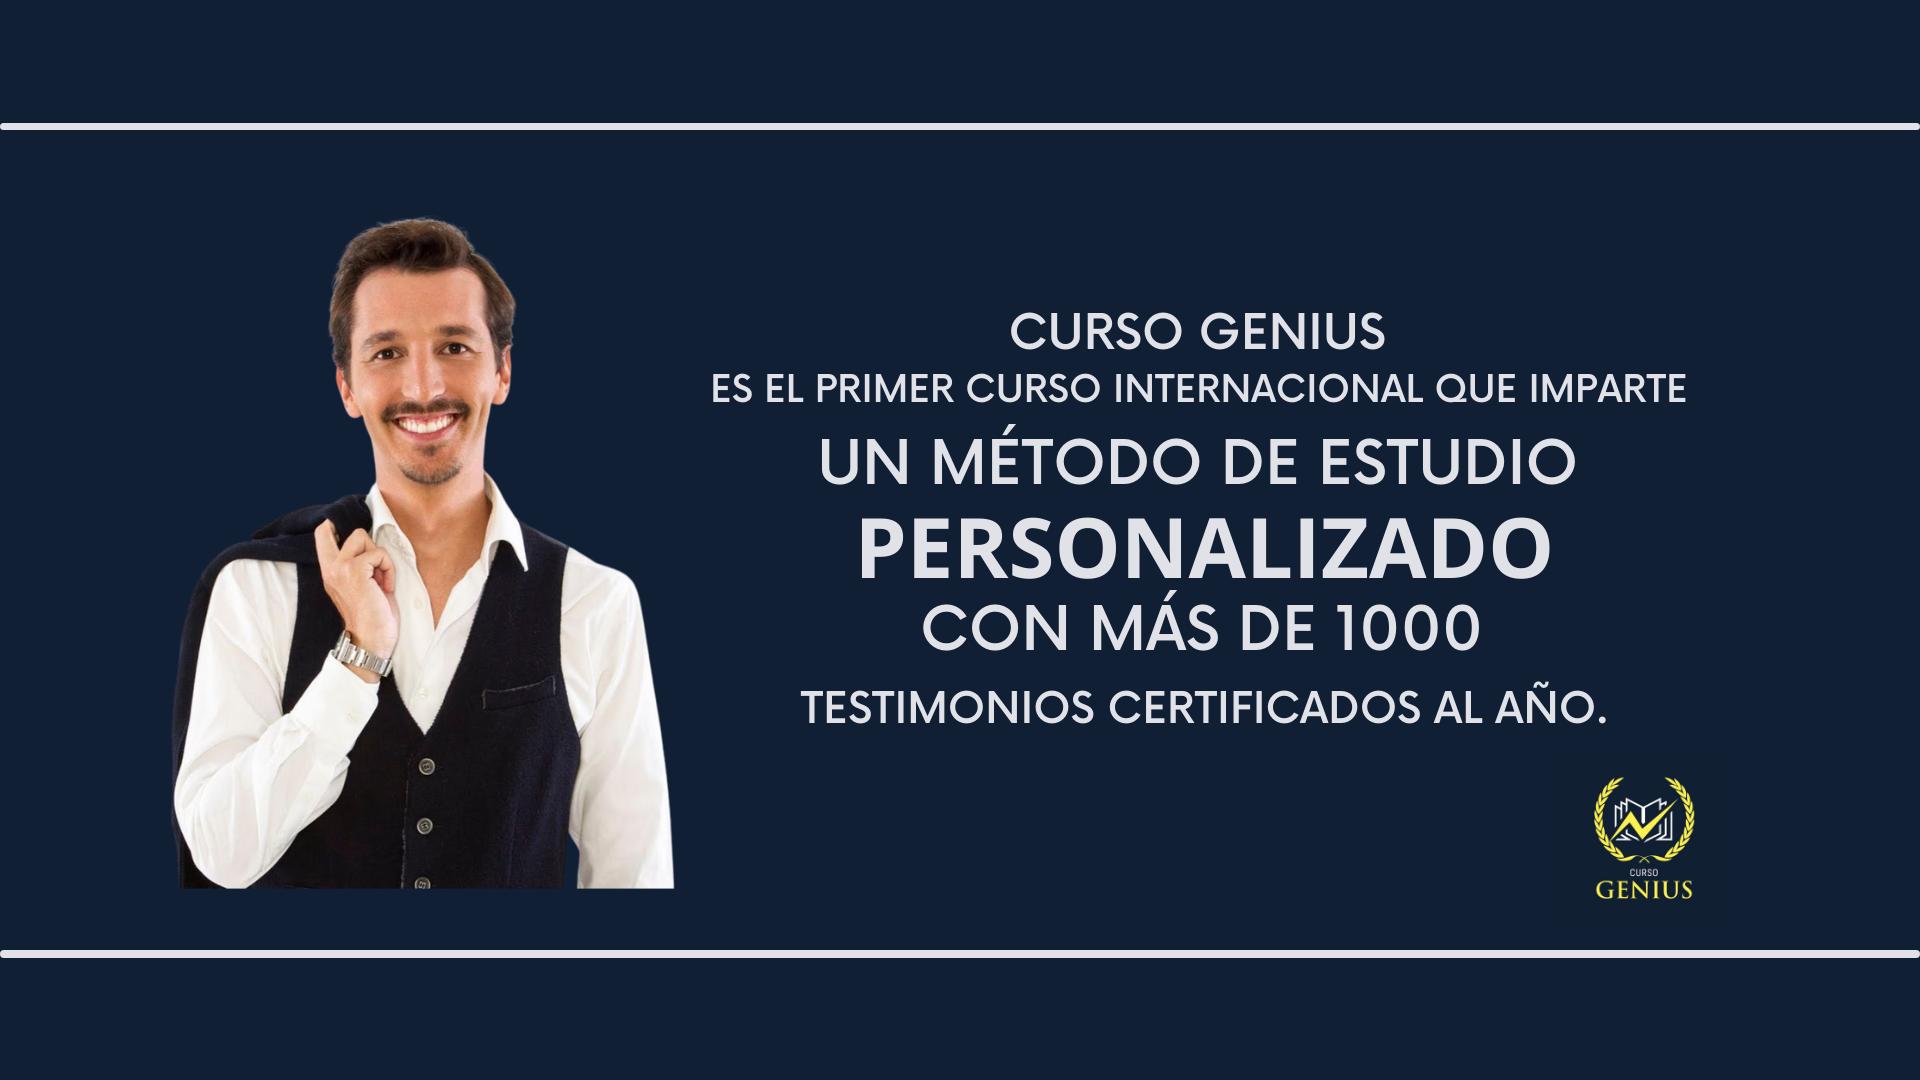 Curso Genius, la experiencia al servicio de los estudiantes